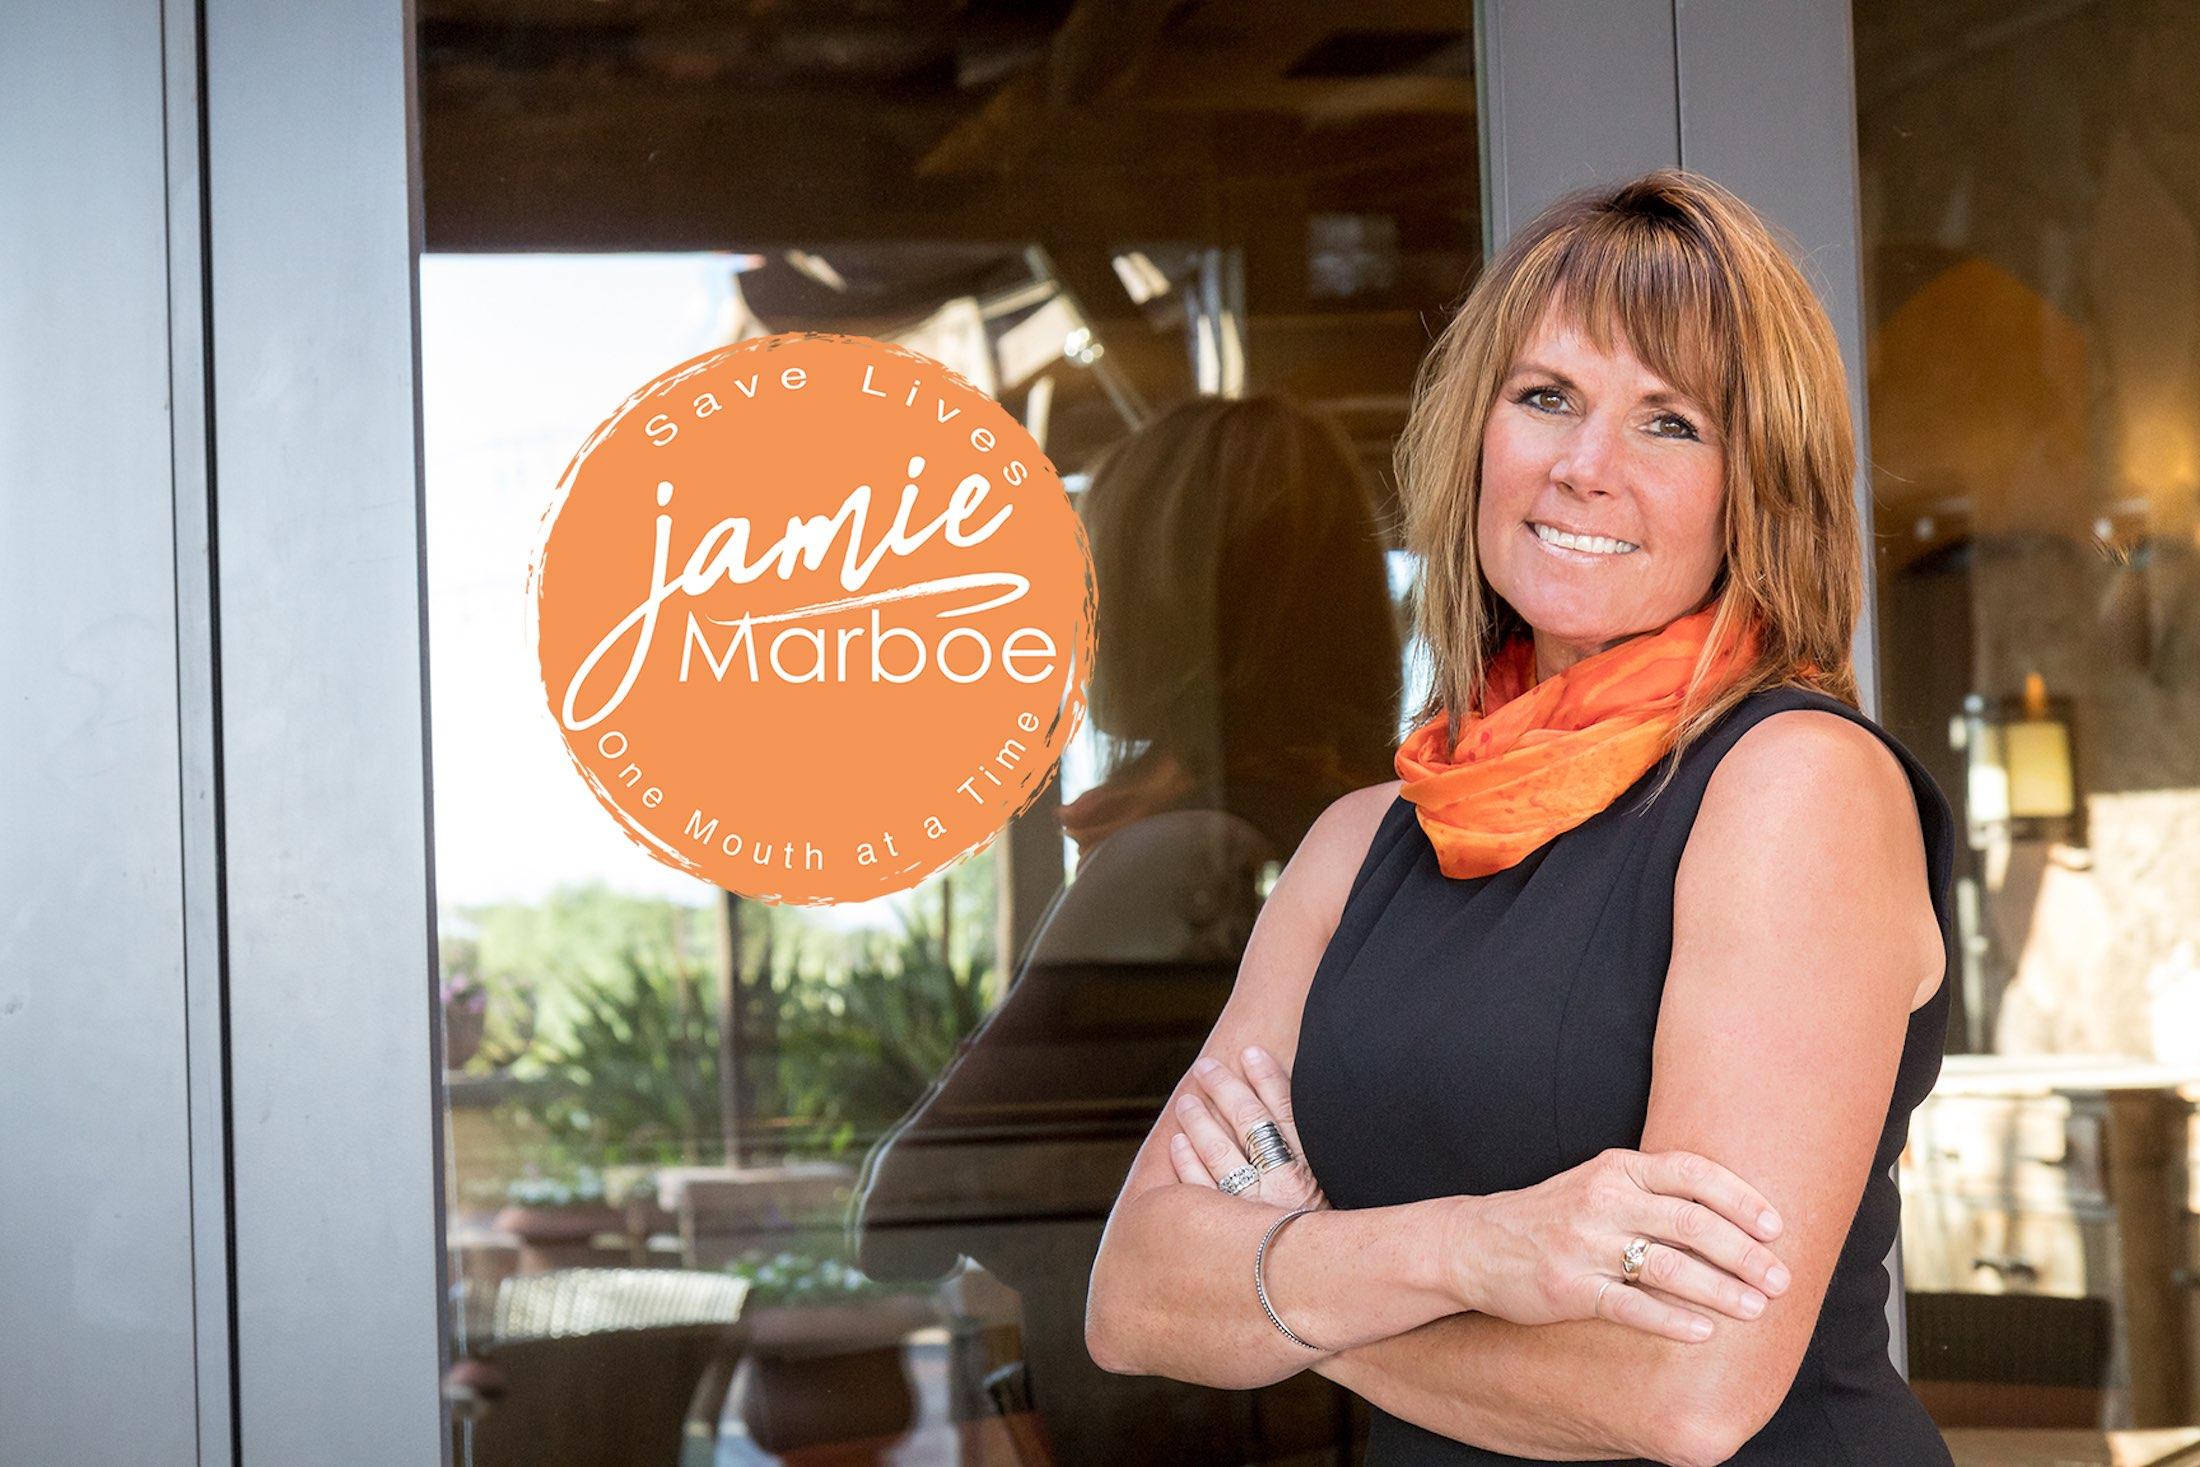 Jamie Marboe, dental speaker and consultant